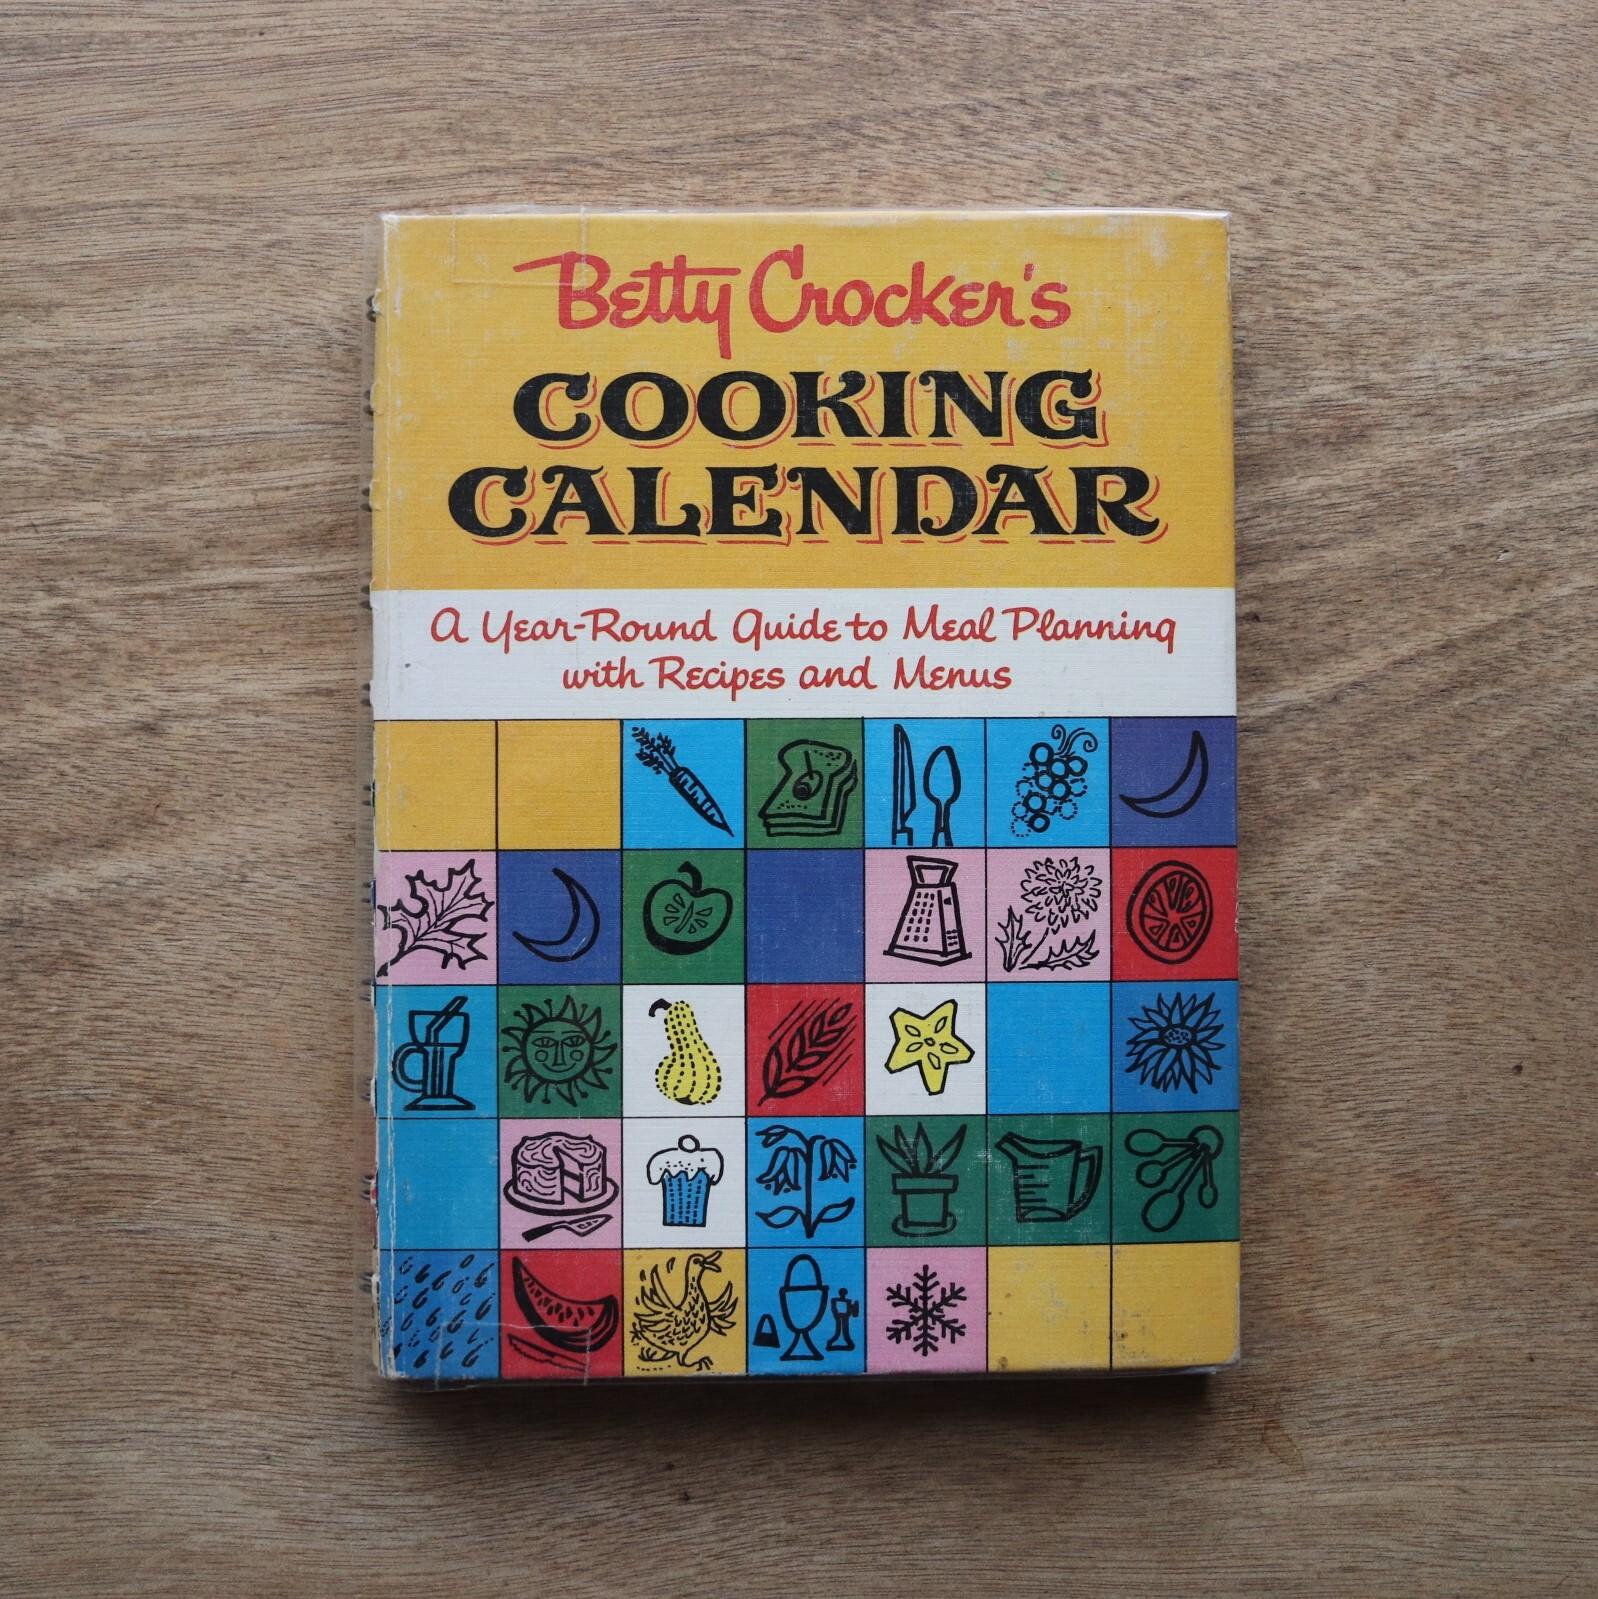 Betty Crocker's Cooking Calendar / Betty Crocker